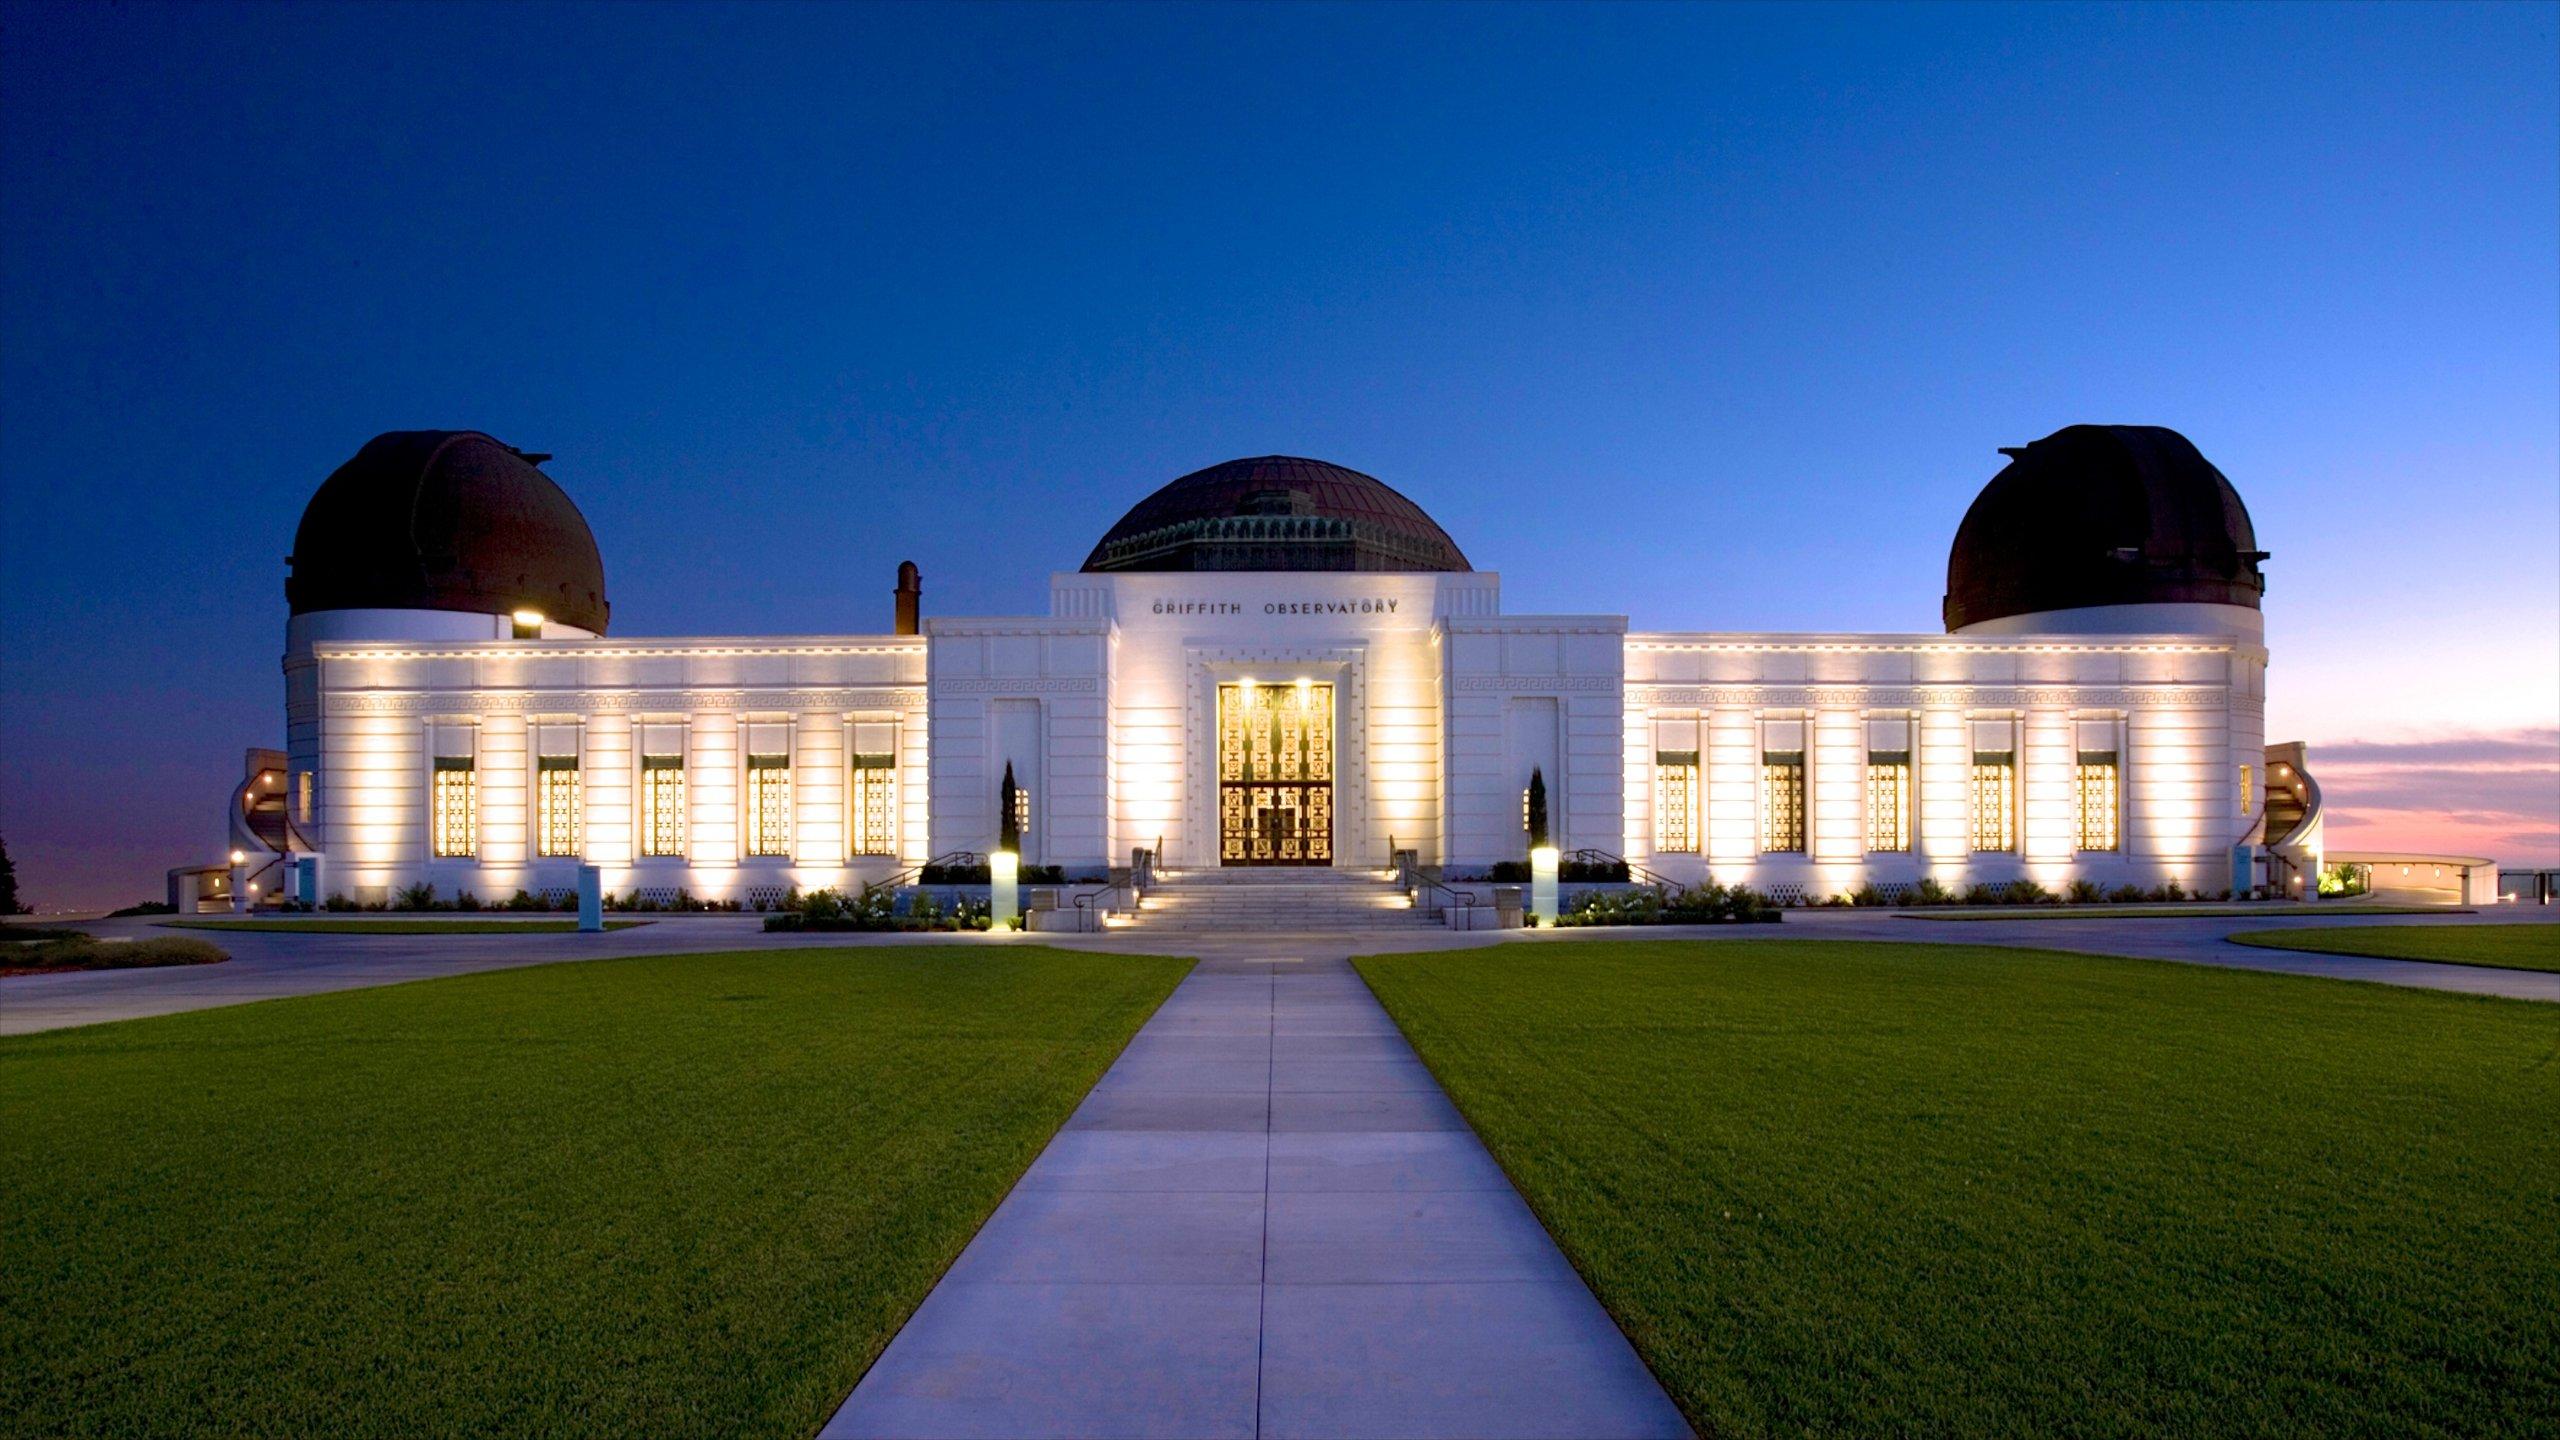 Central LA, California, United States of America